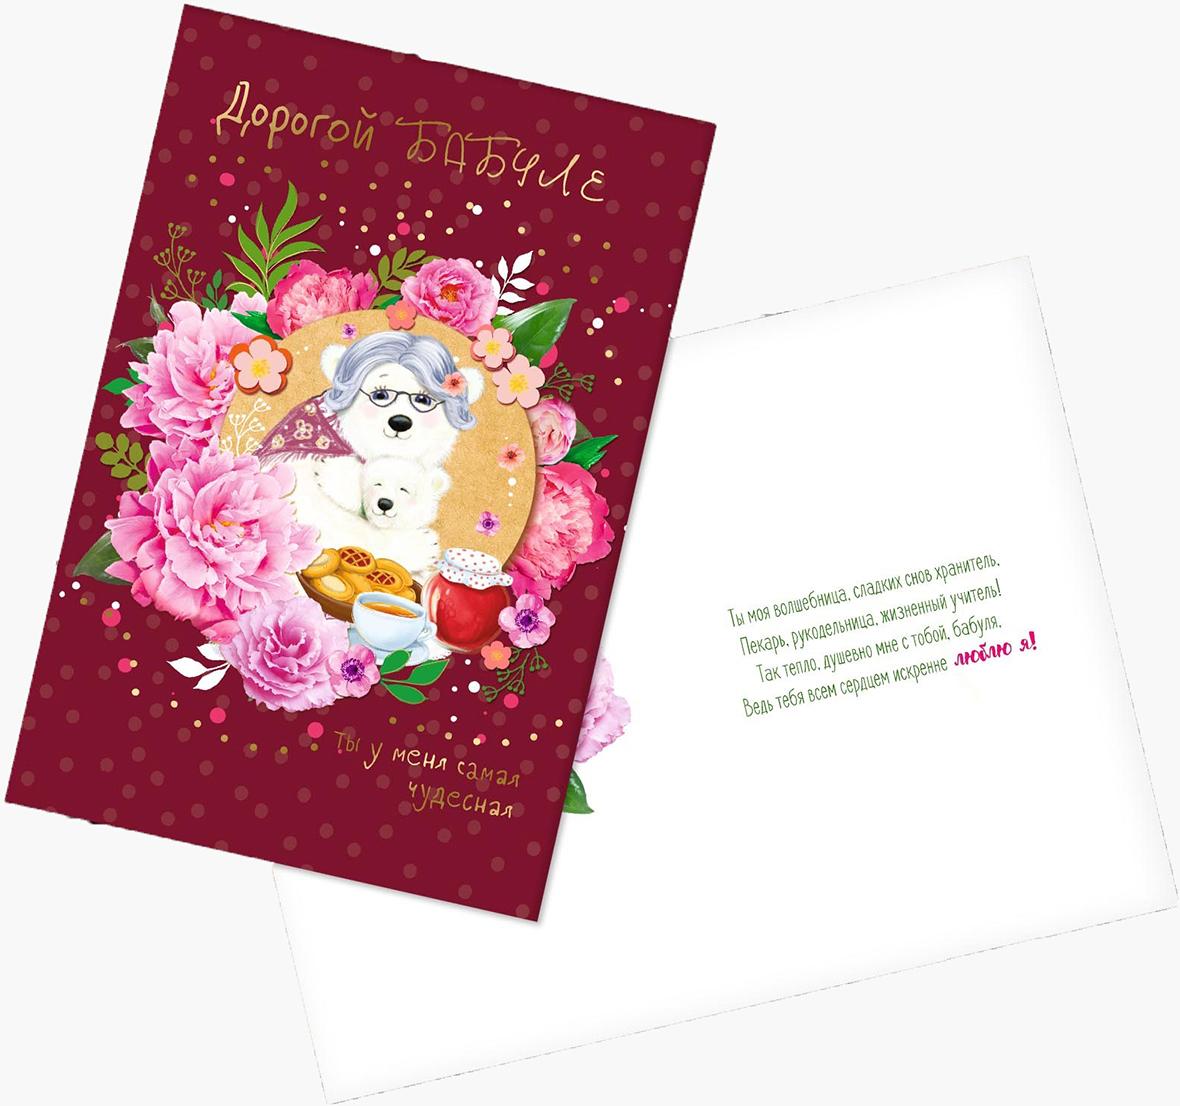 Открытка Дарите Счастье Дорогой бабуле. Мишки, с тиснением, 12 х 18 см2793585Выразить свои чувства и дополнить основной подарок тёплыми словами вам поможет Открытка . С ней ваше пожелание «Счастья, любви и здоровья» приобретёт трепетный и душевный подтекст. А воспоминания о праздничном дне ещё долго будут радовать адресата.Среди нашего ассортимента печатной поздравительной продукции вы выберете открытку для любого праздника и повода.